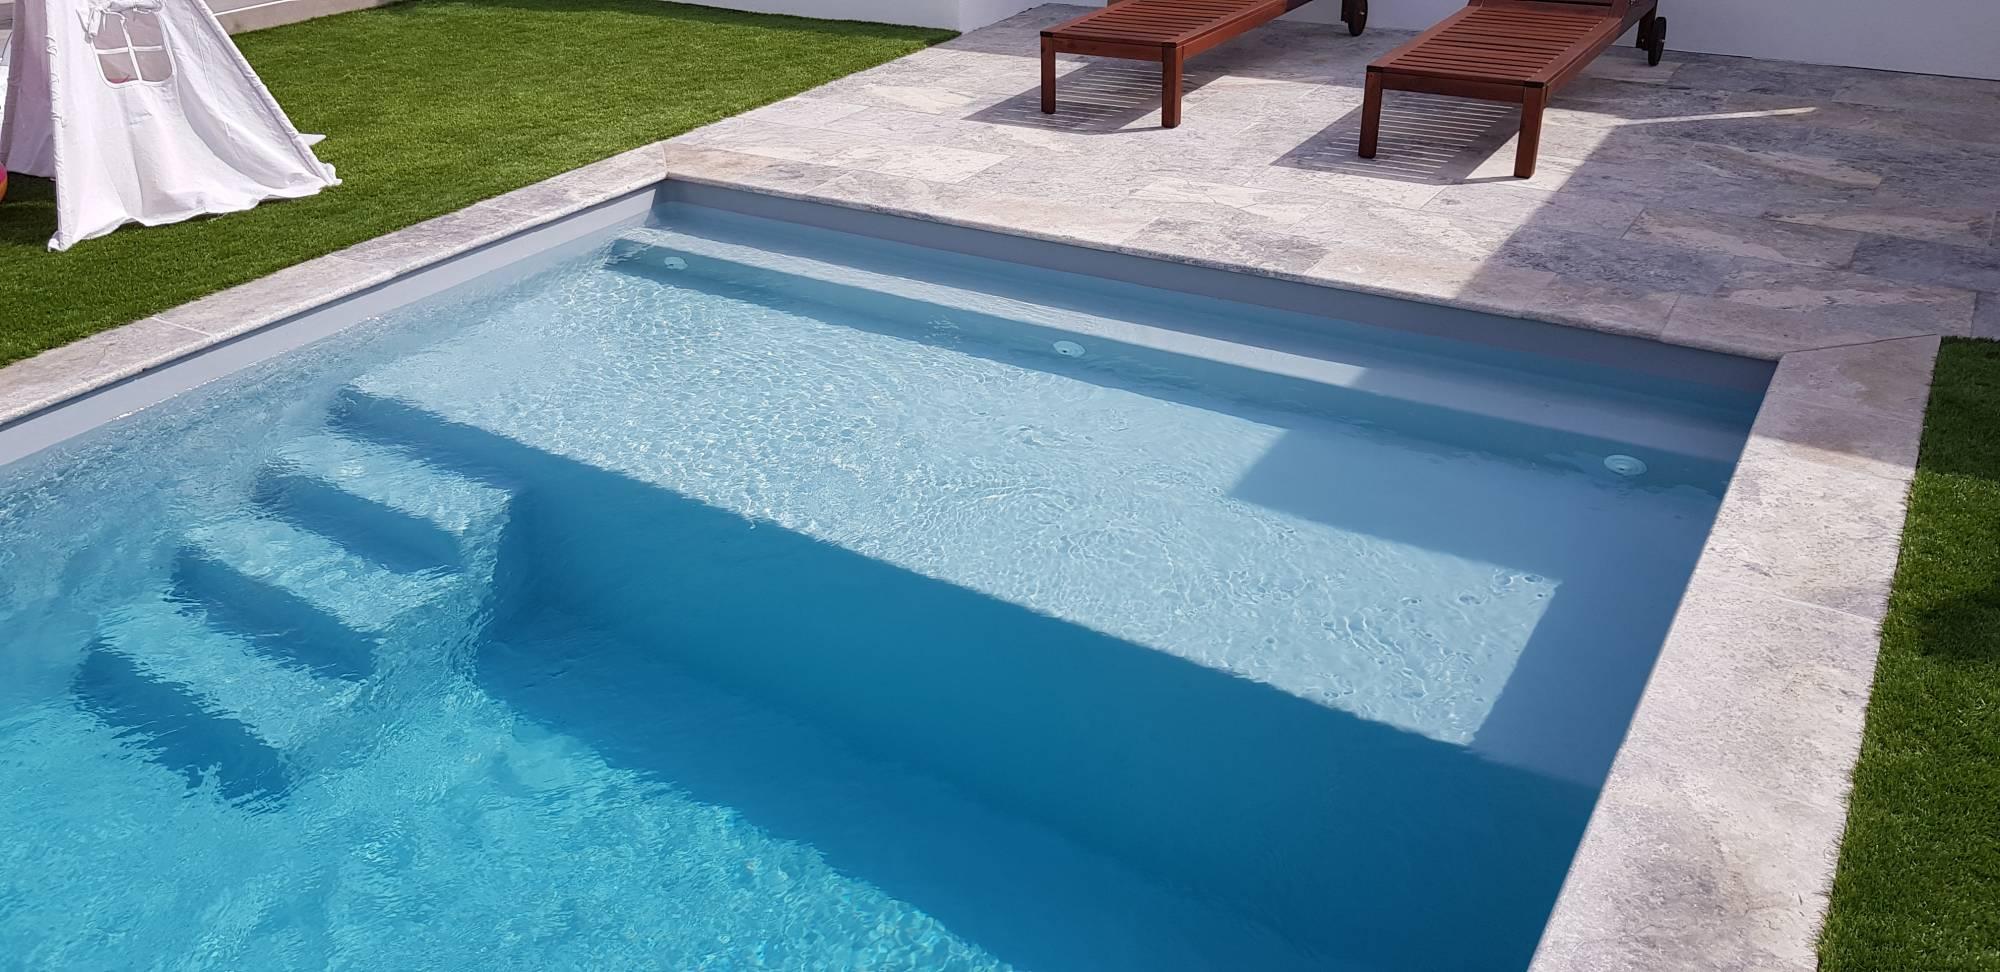 Piscine Beton Avec Plage Immergée livraison et installation par ferré piscines d'une coque